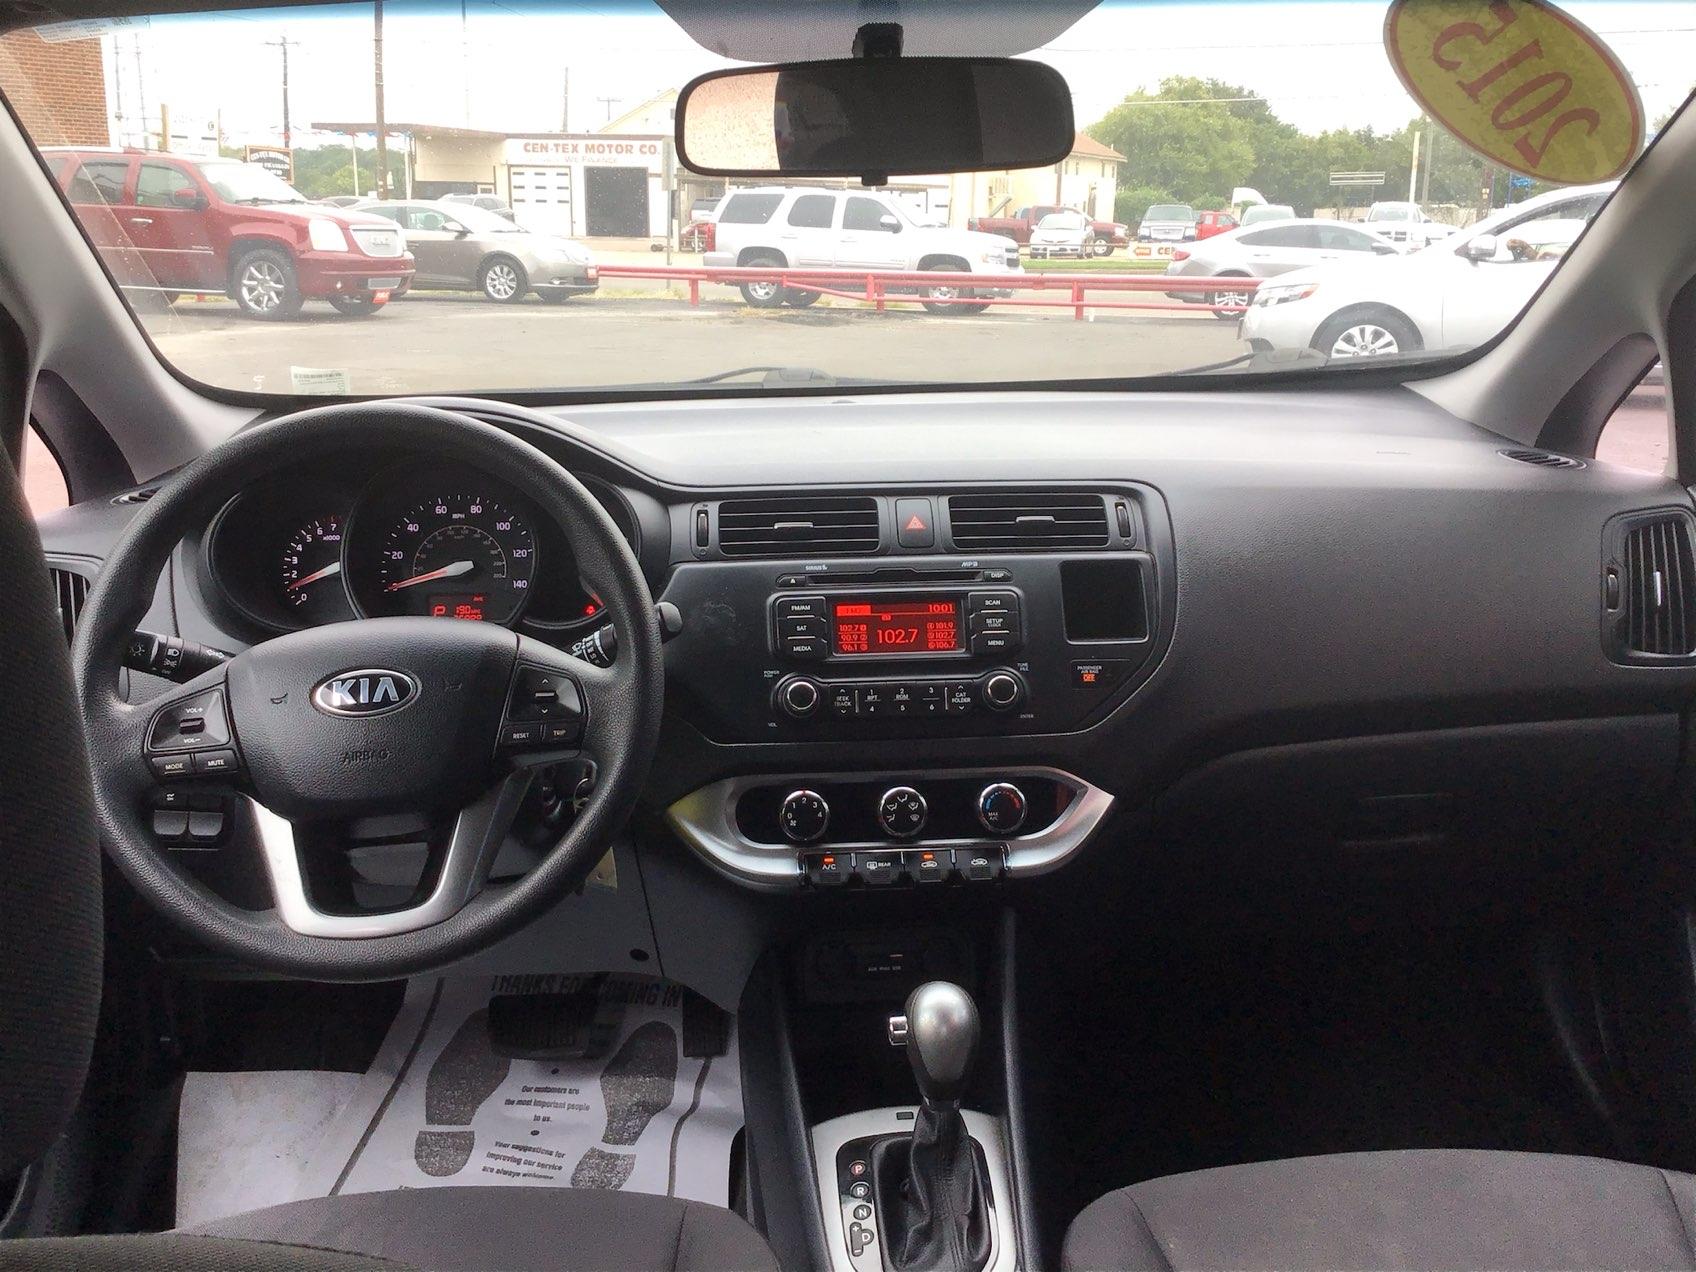 used vehicle - Sedan Kia Rio 2015